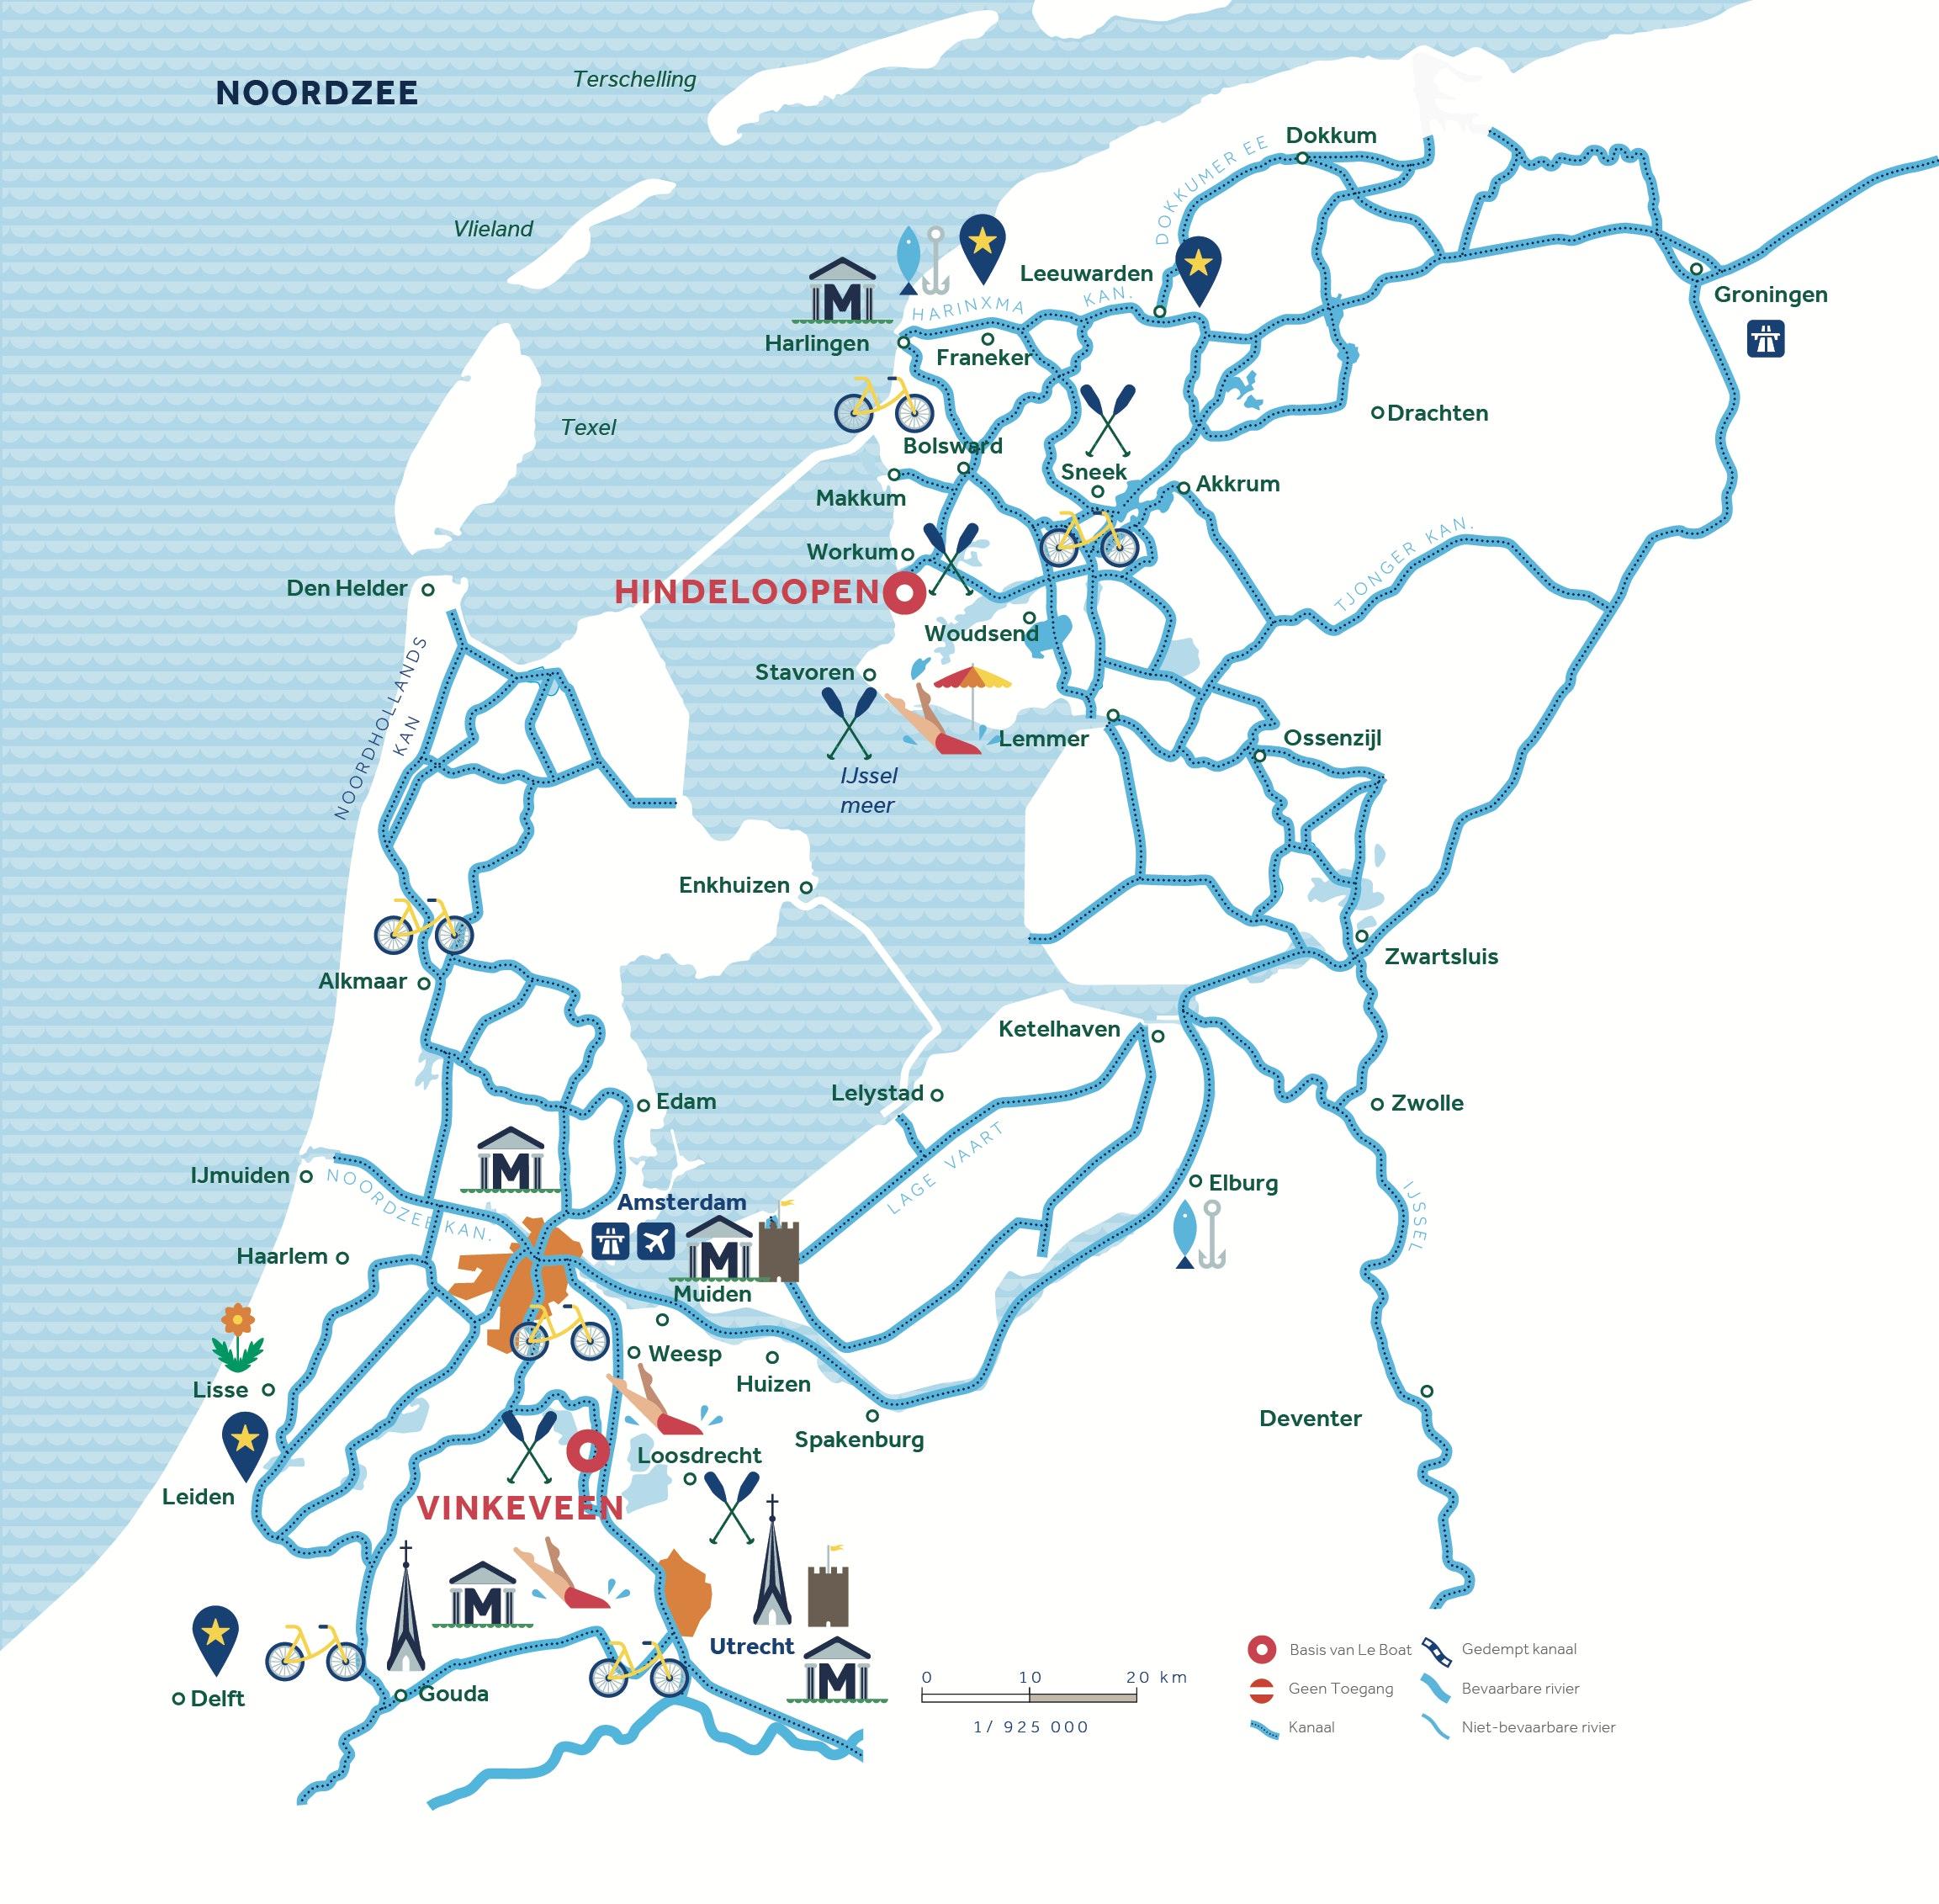 vaarroute NL